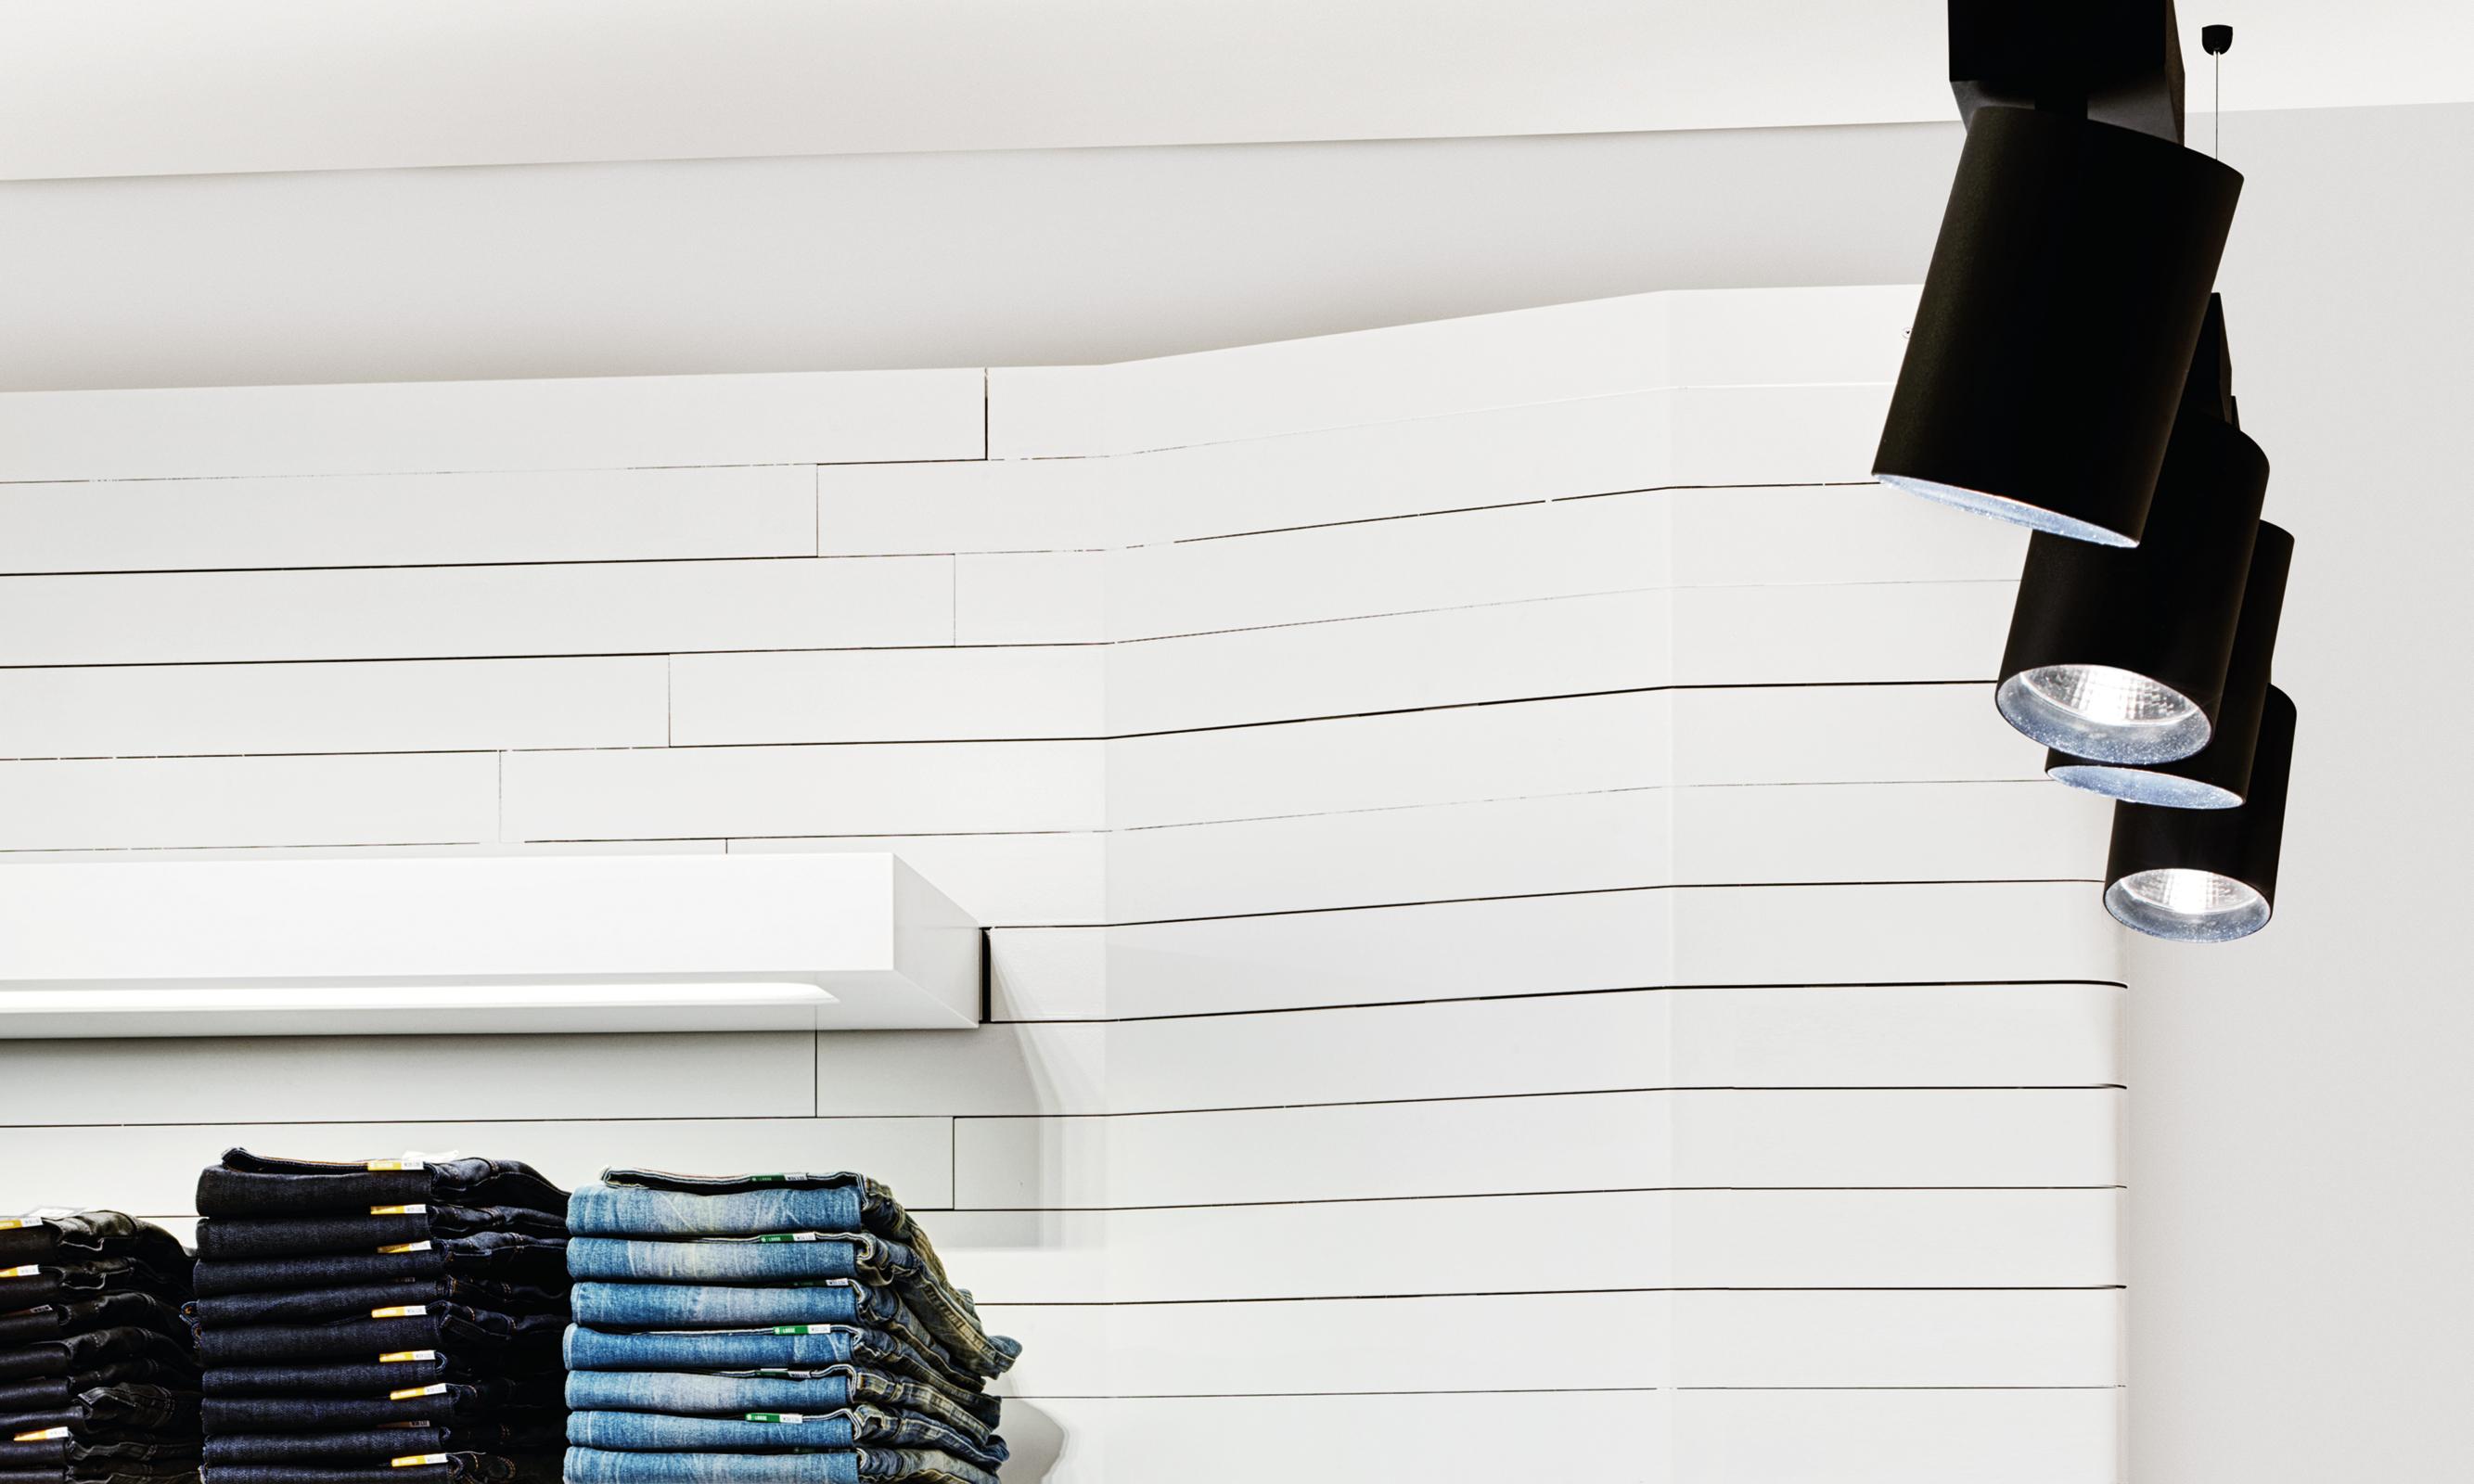 CENTRIQ in retail use